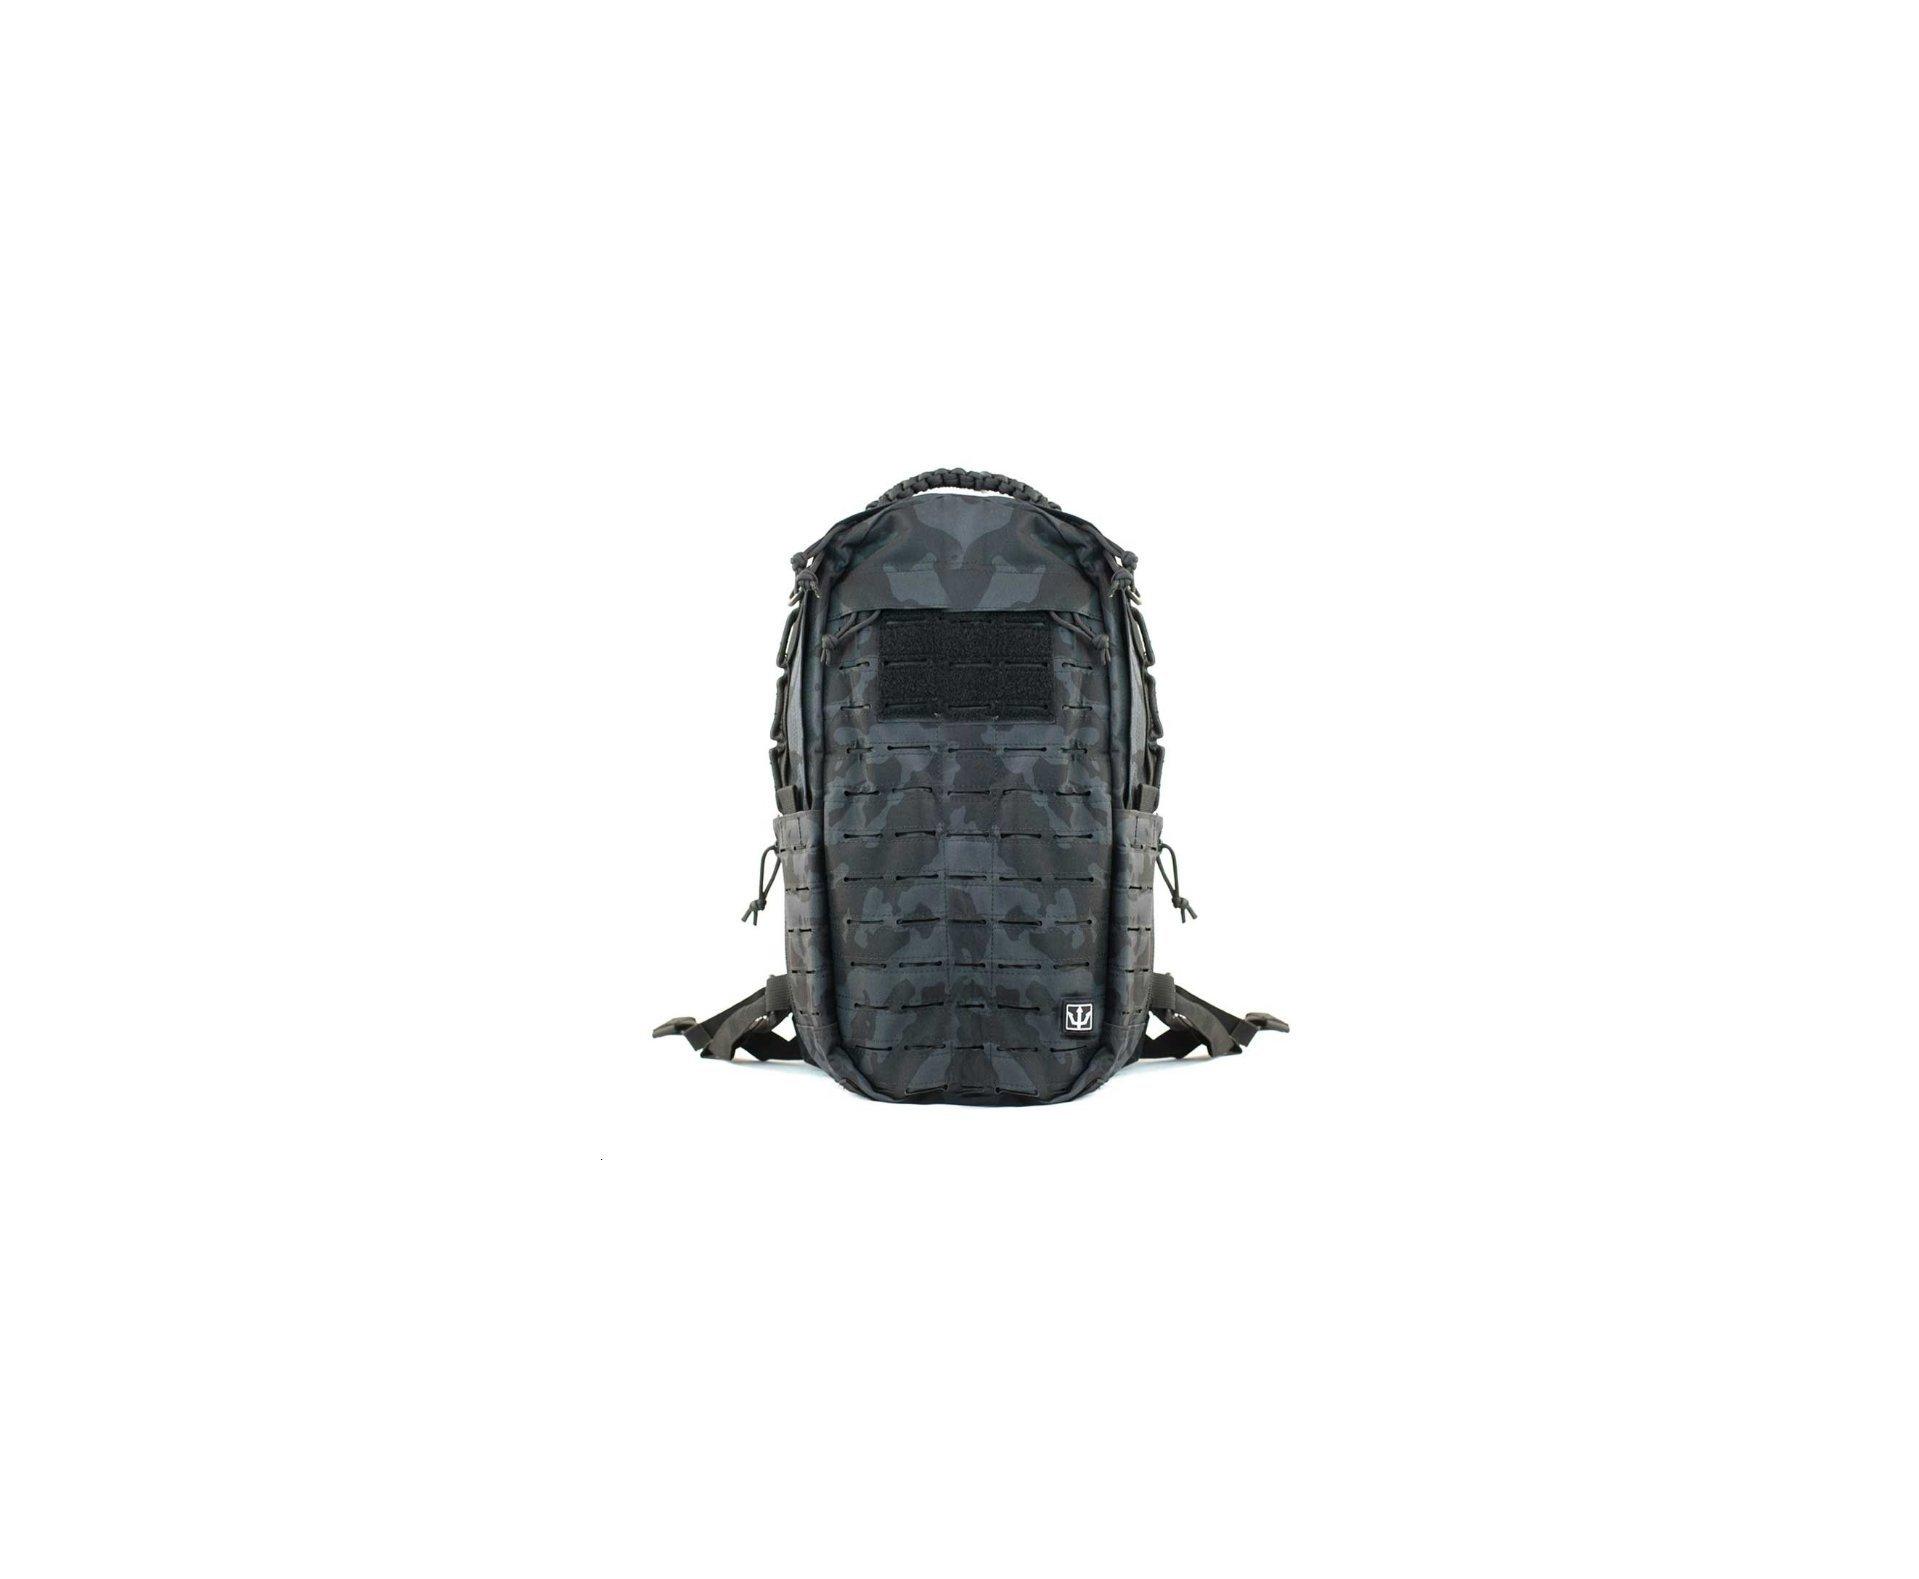 Mochila Evo Tactical - Edc Lite Pack Multicam Black